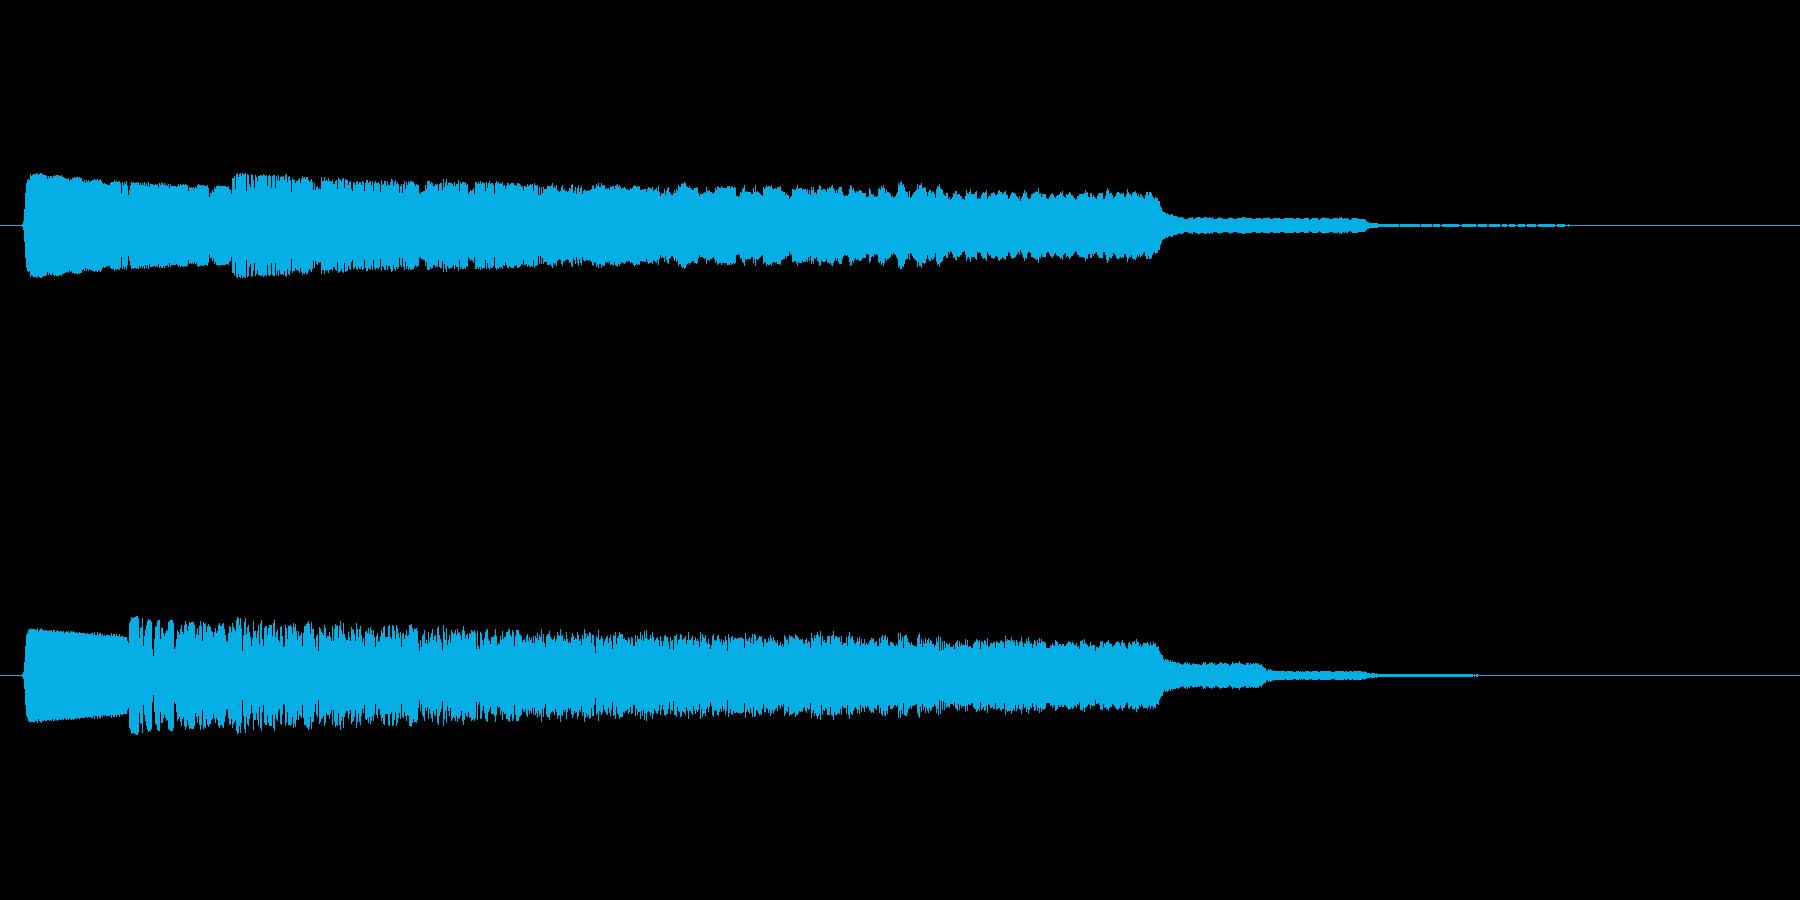 レーザー音 ビュルルルの再生済みの波形